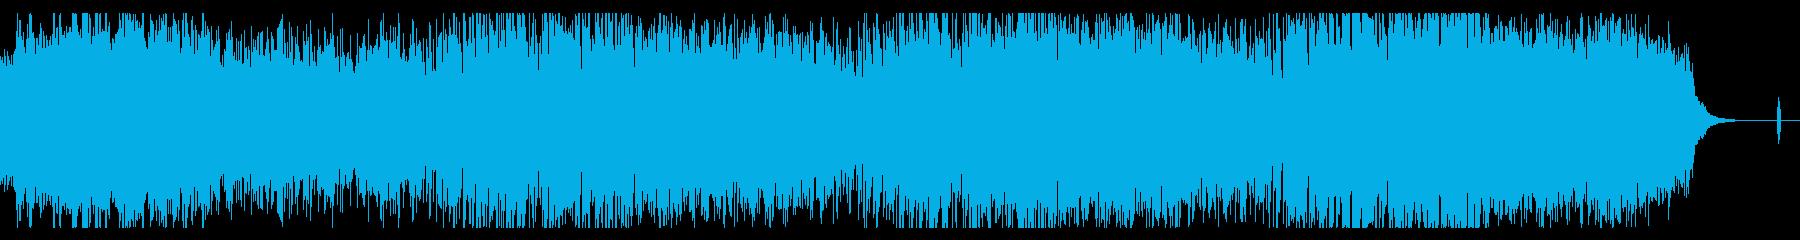 ダークなアンビエントテクスチャの再生済みの波形